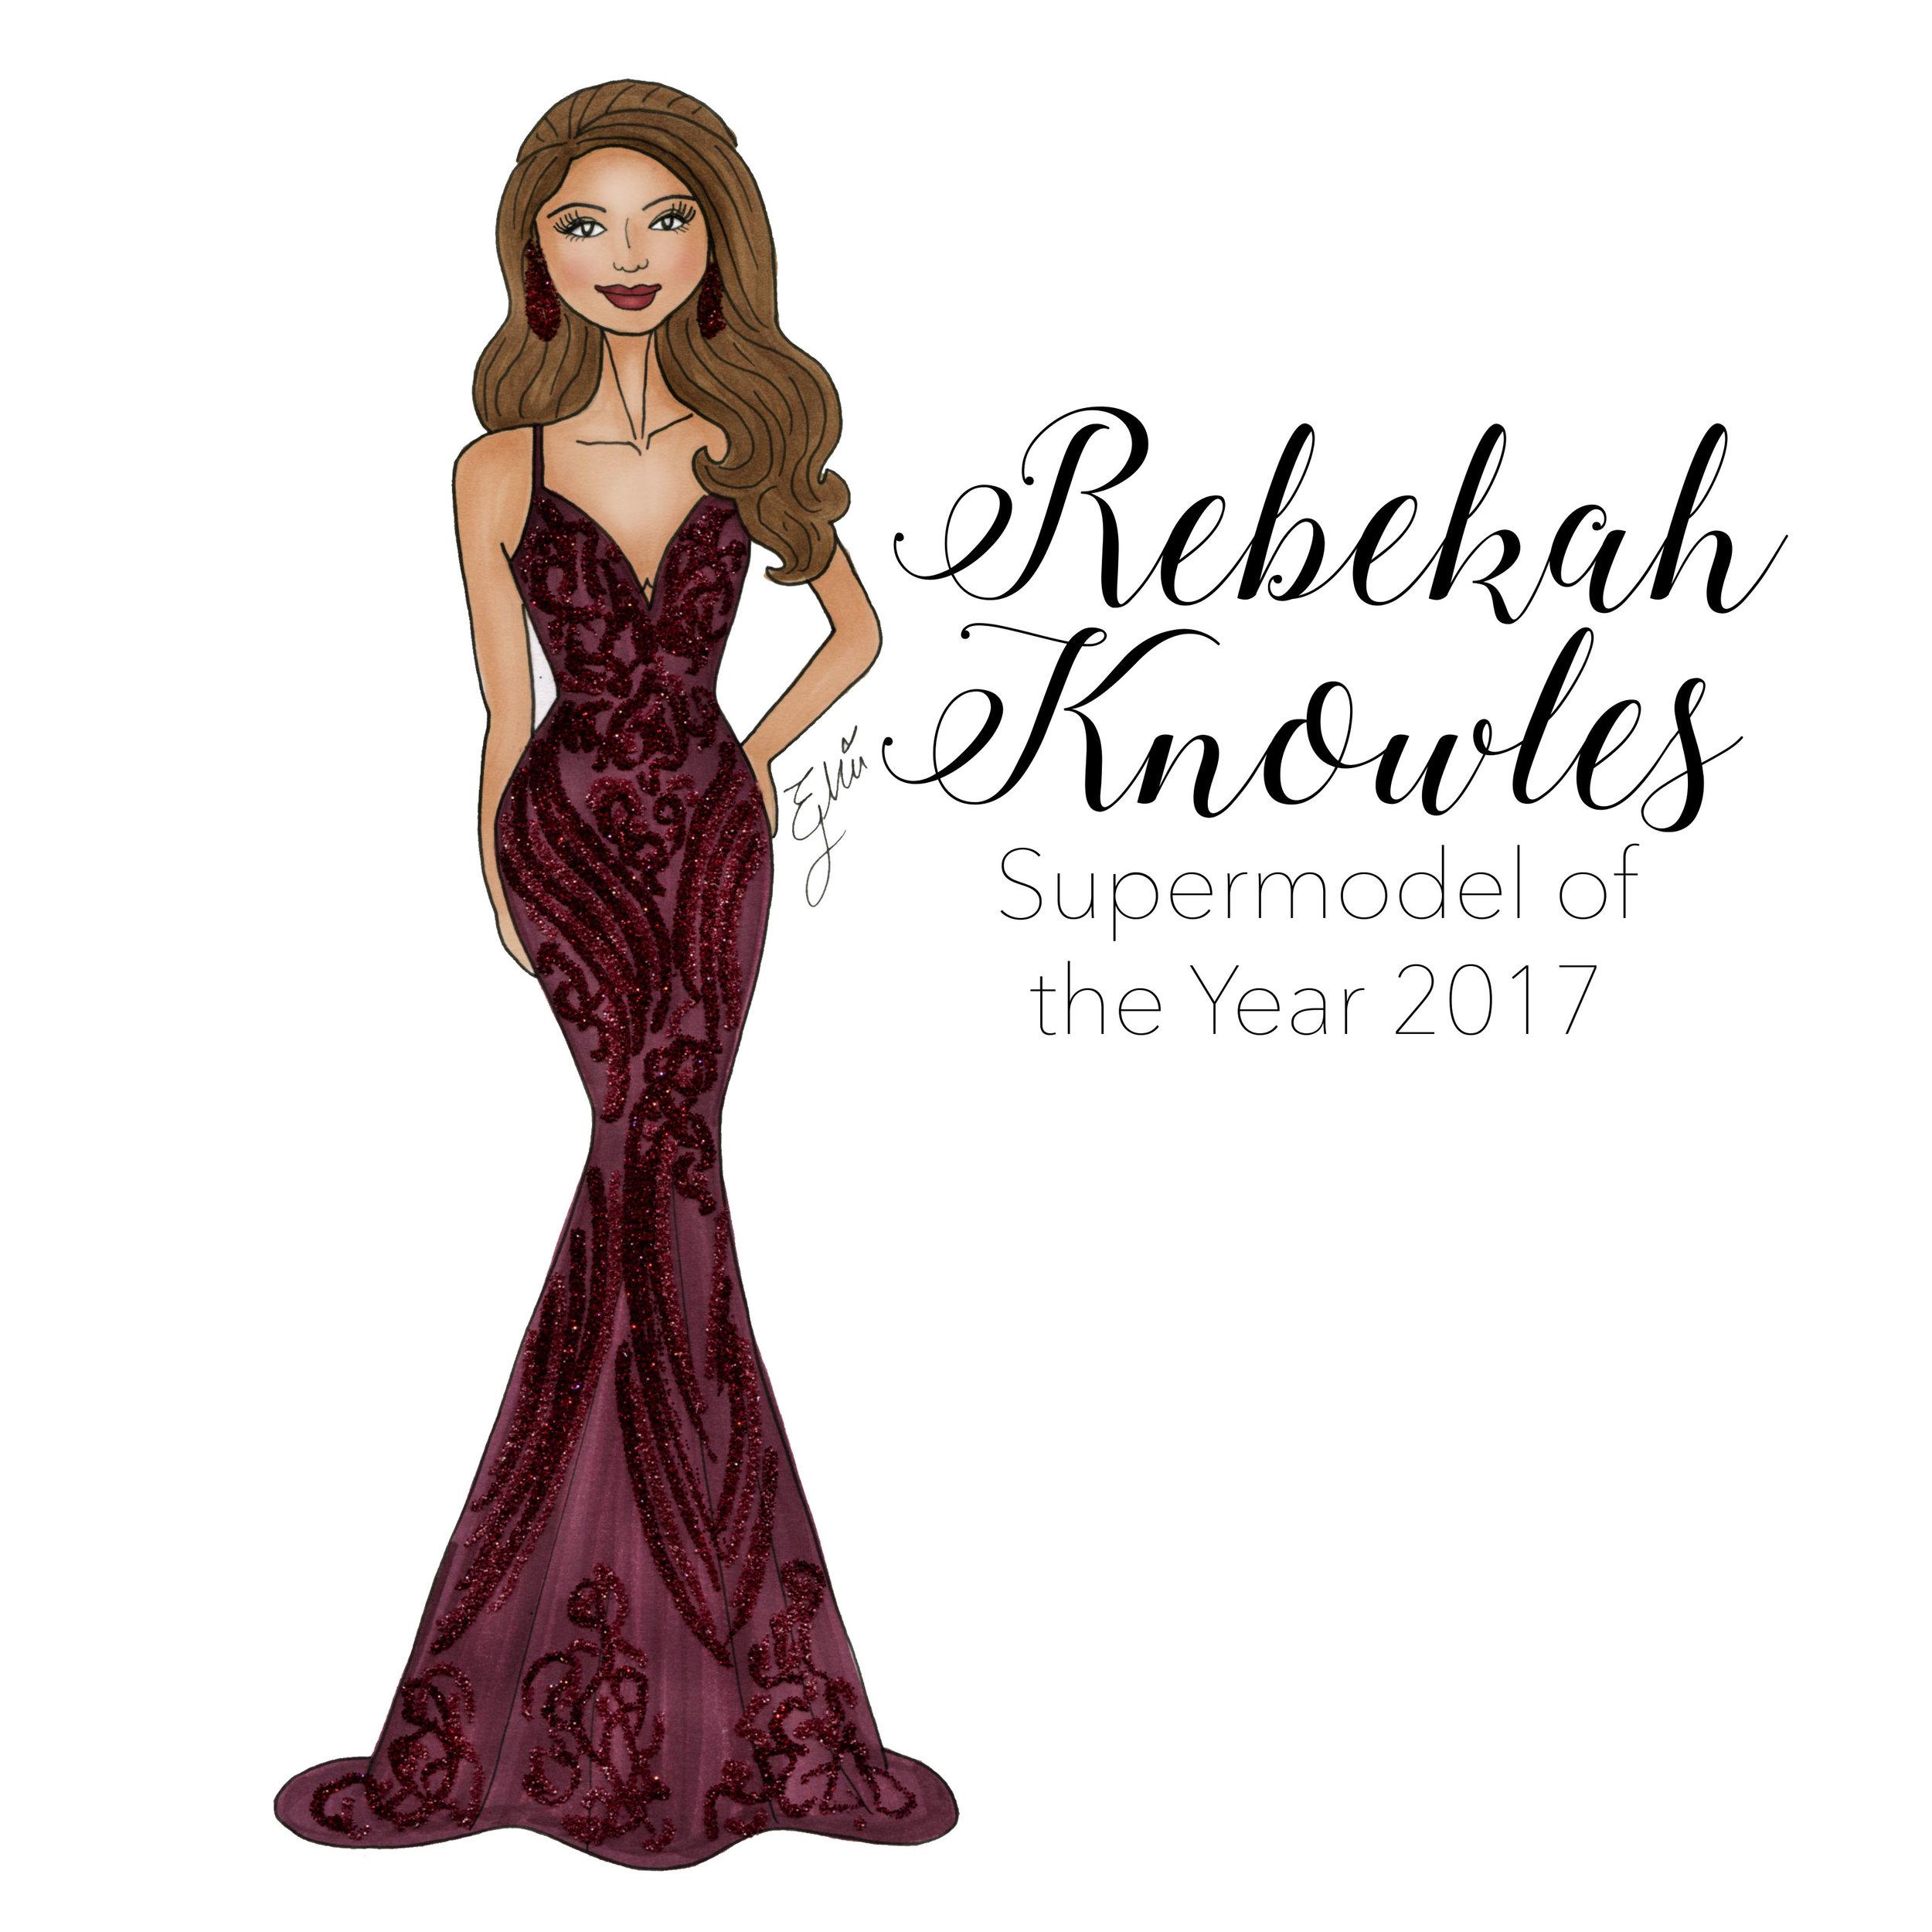 RebekahKnowles.jpg